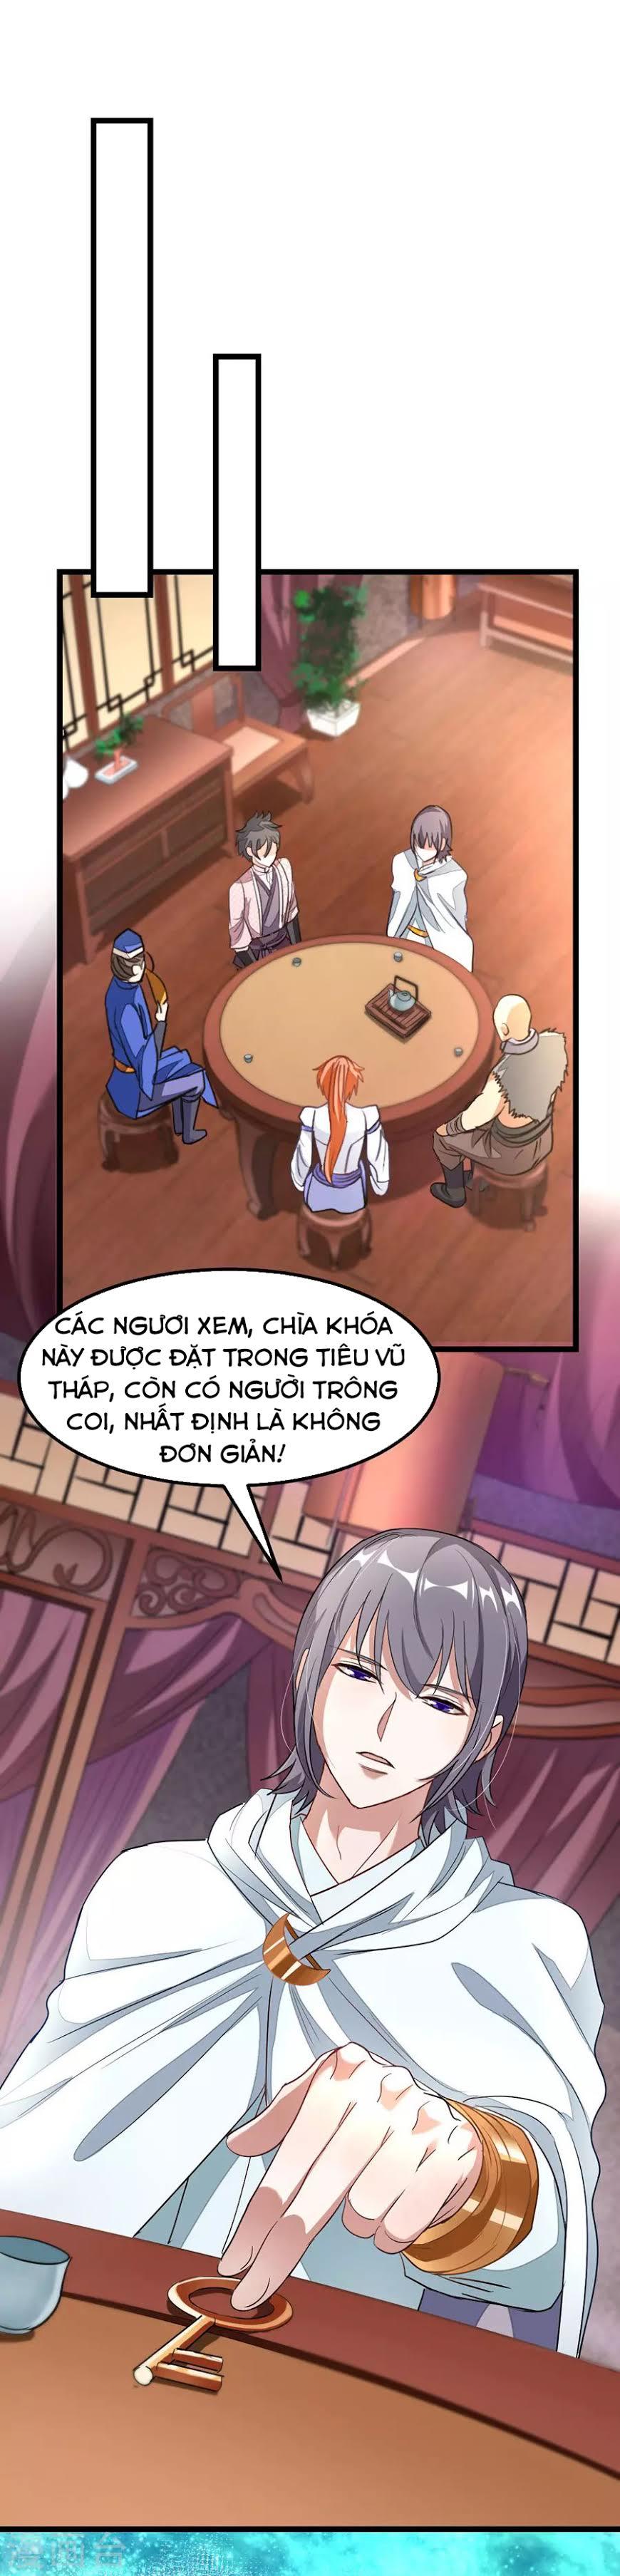 Cửu Dương Thần Vương chap 87 - Trang 10